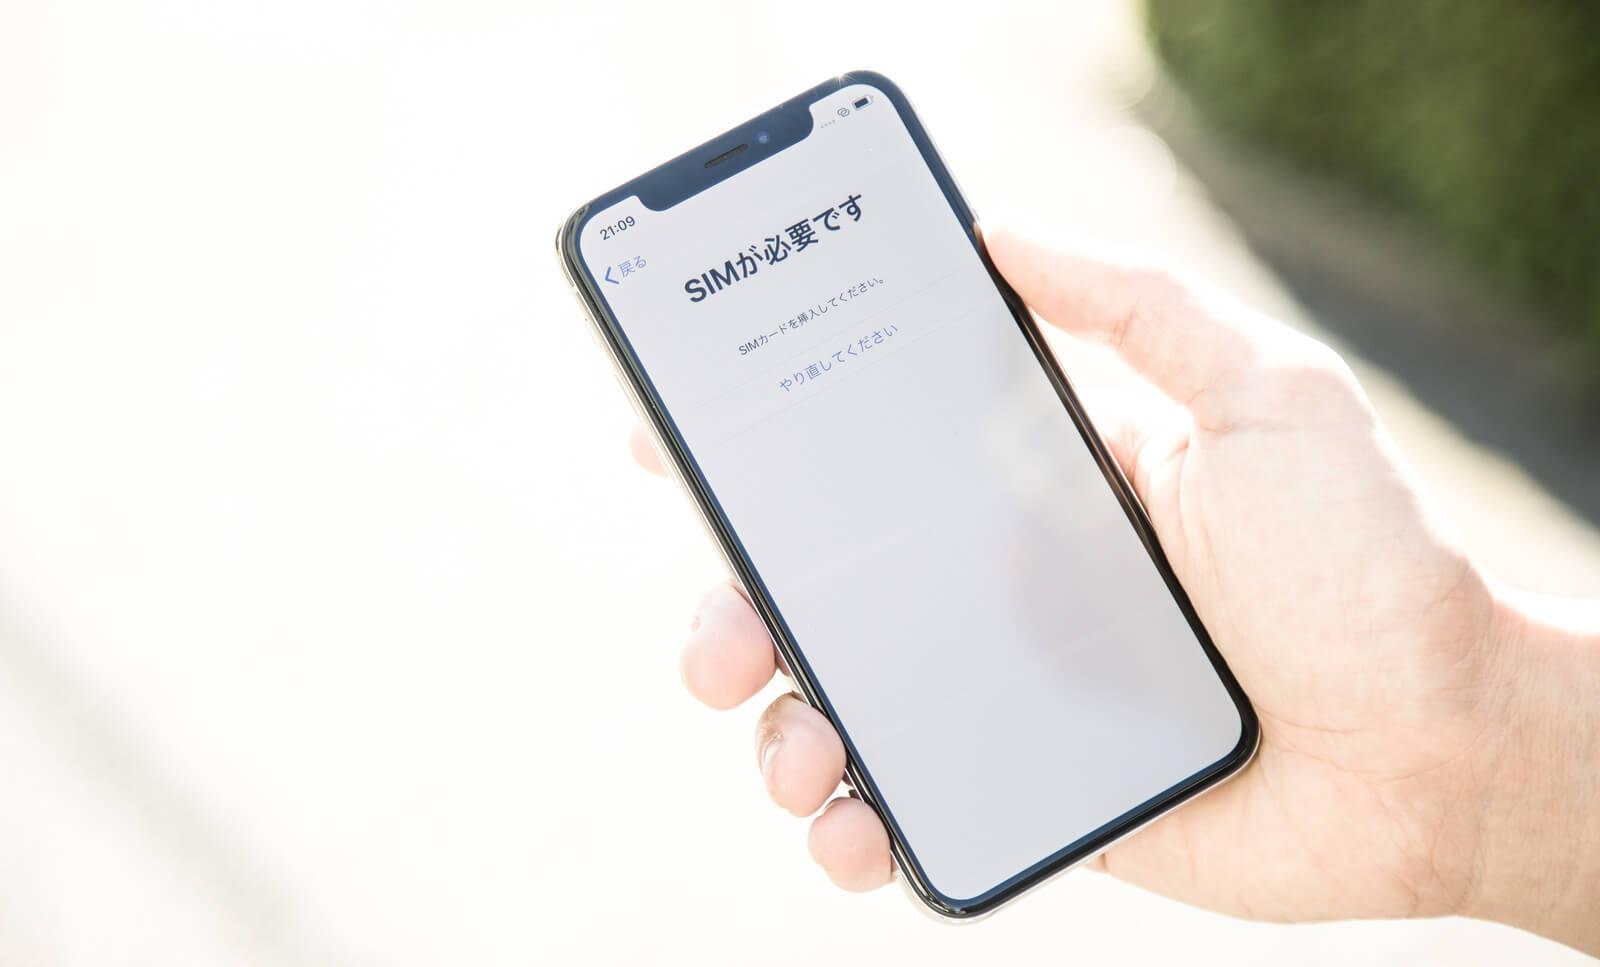 iphoneX-SIM